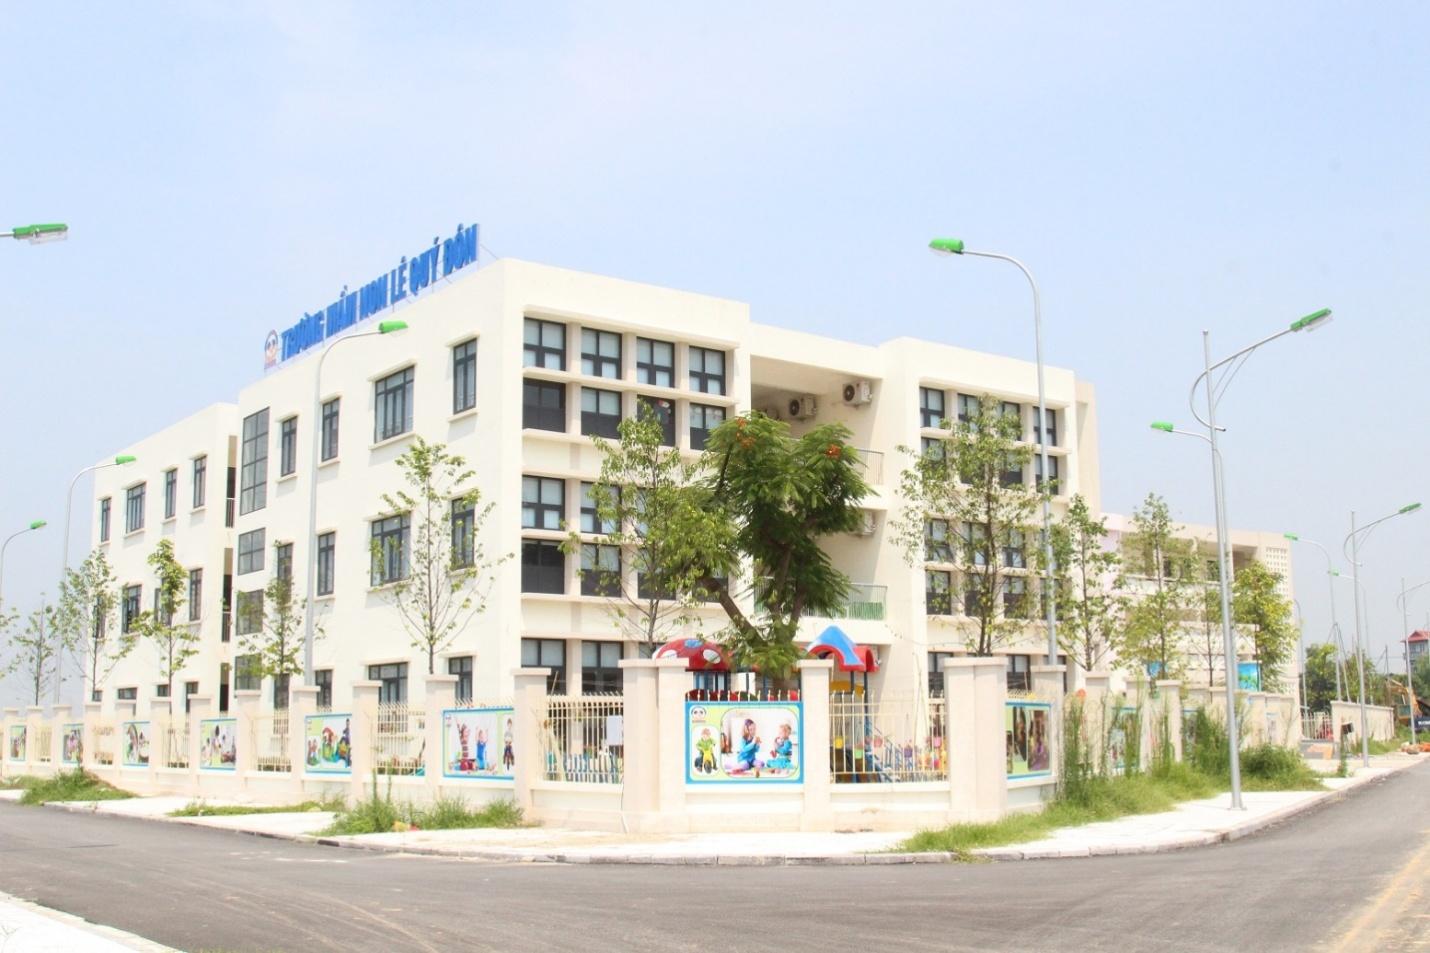 Hà Nội có thêm hệ thống trường học liên cấp đạt chuẩn, hiện đại phía Tây Thủ đô